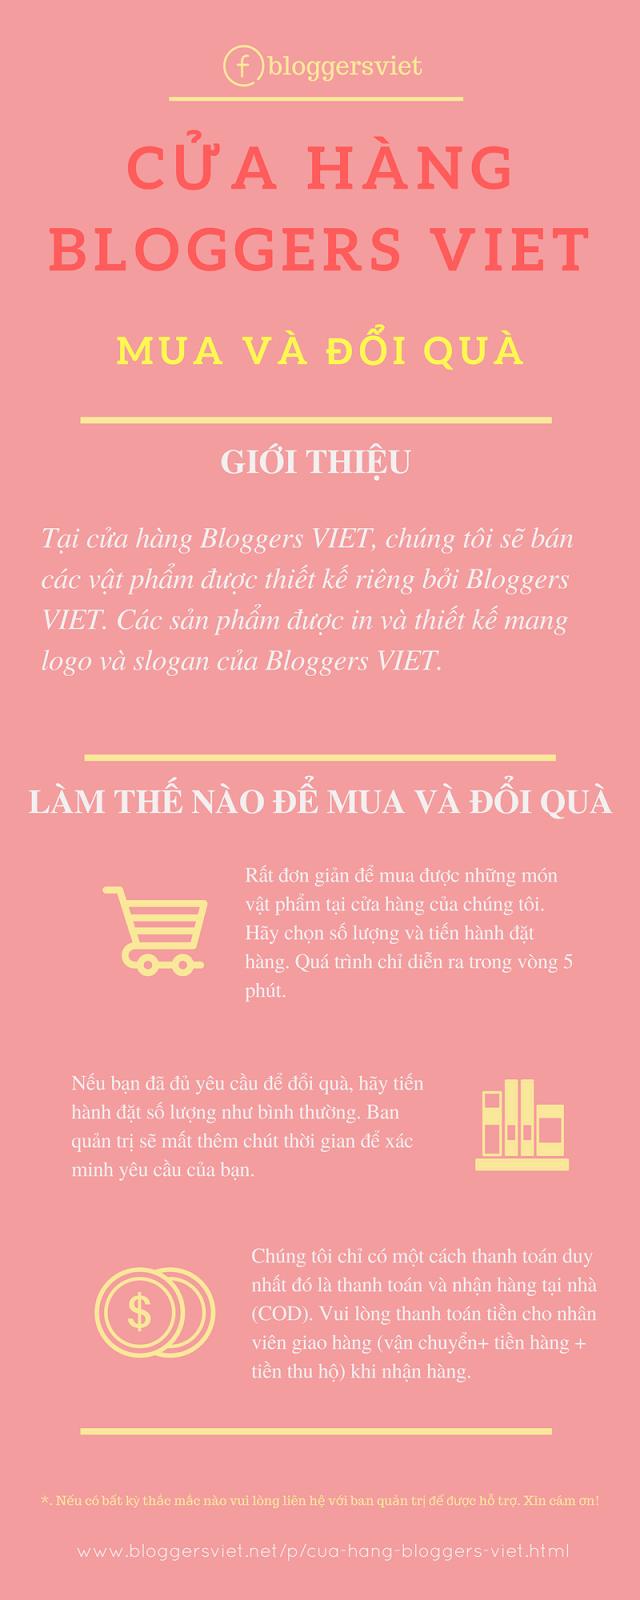 Bloggers VIET ra mắt Cửa Hàng Bloggers VIET - Nơi bạn có thể đổi và mua quà